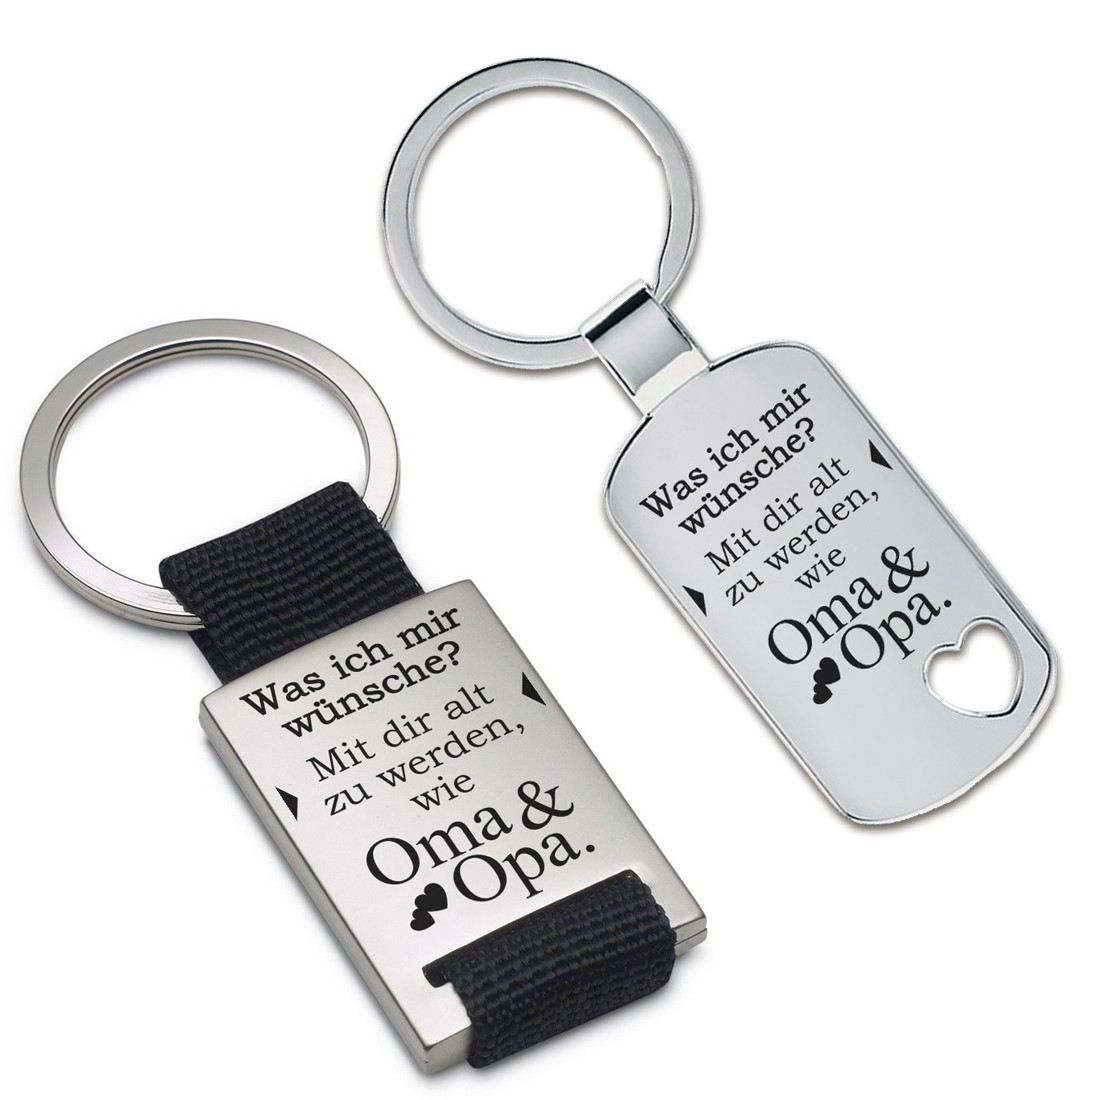 Schlüsselanhänger Set für Oma und Opa